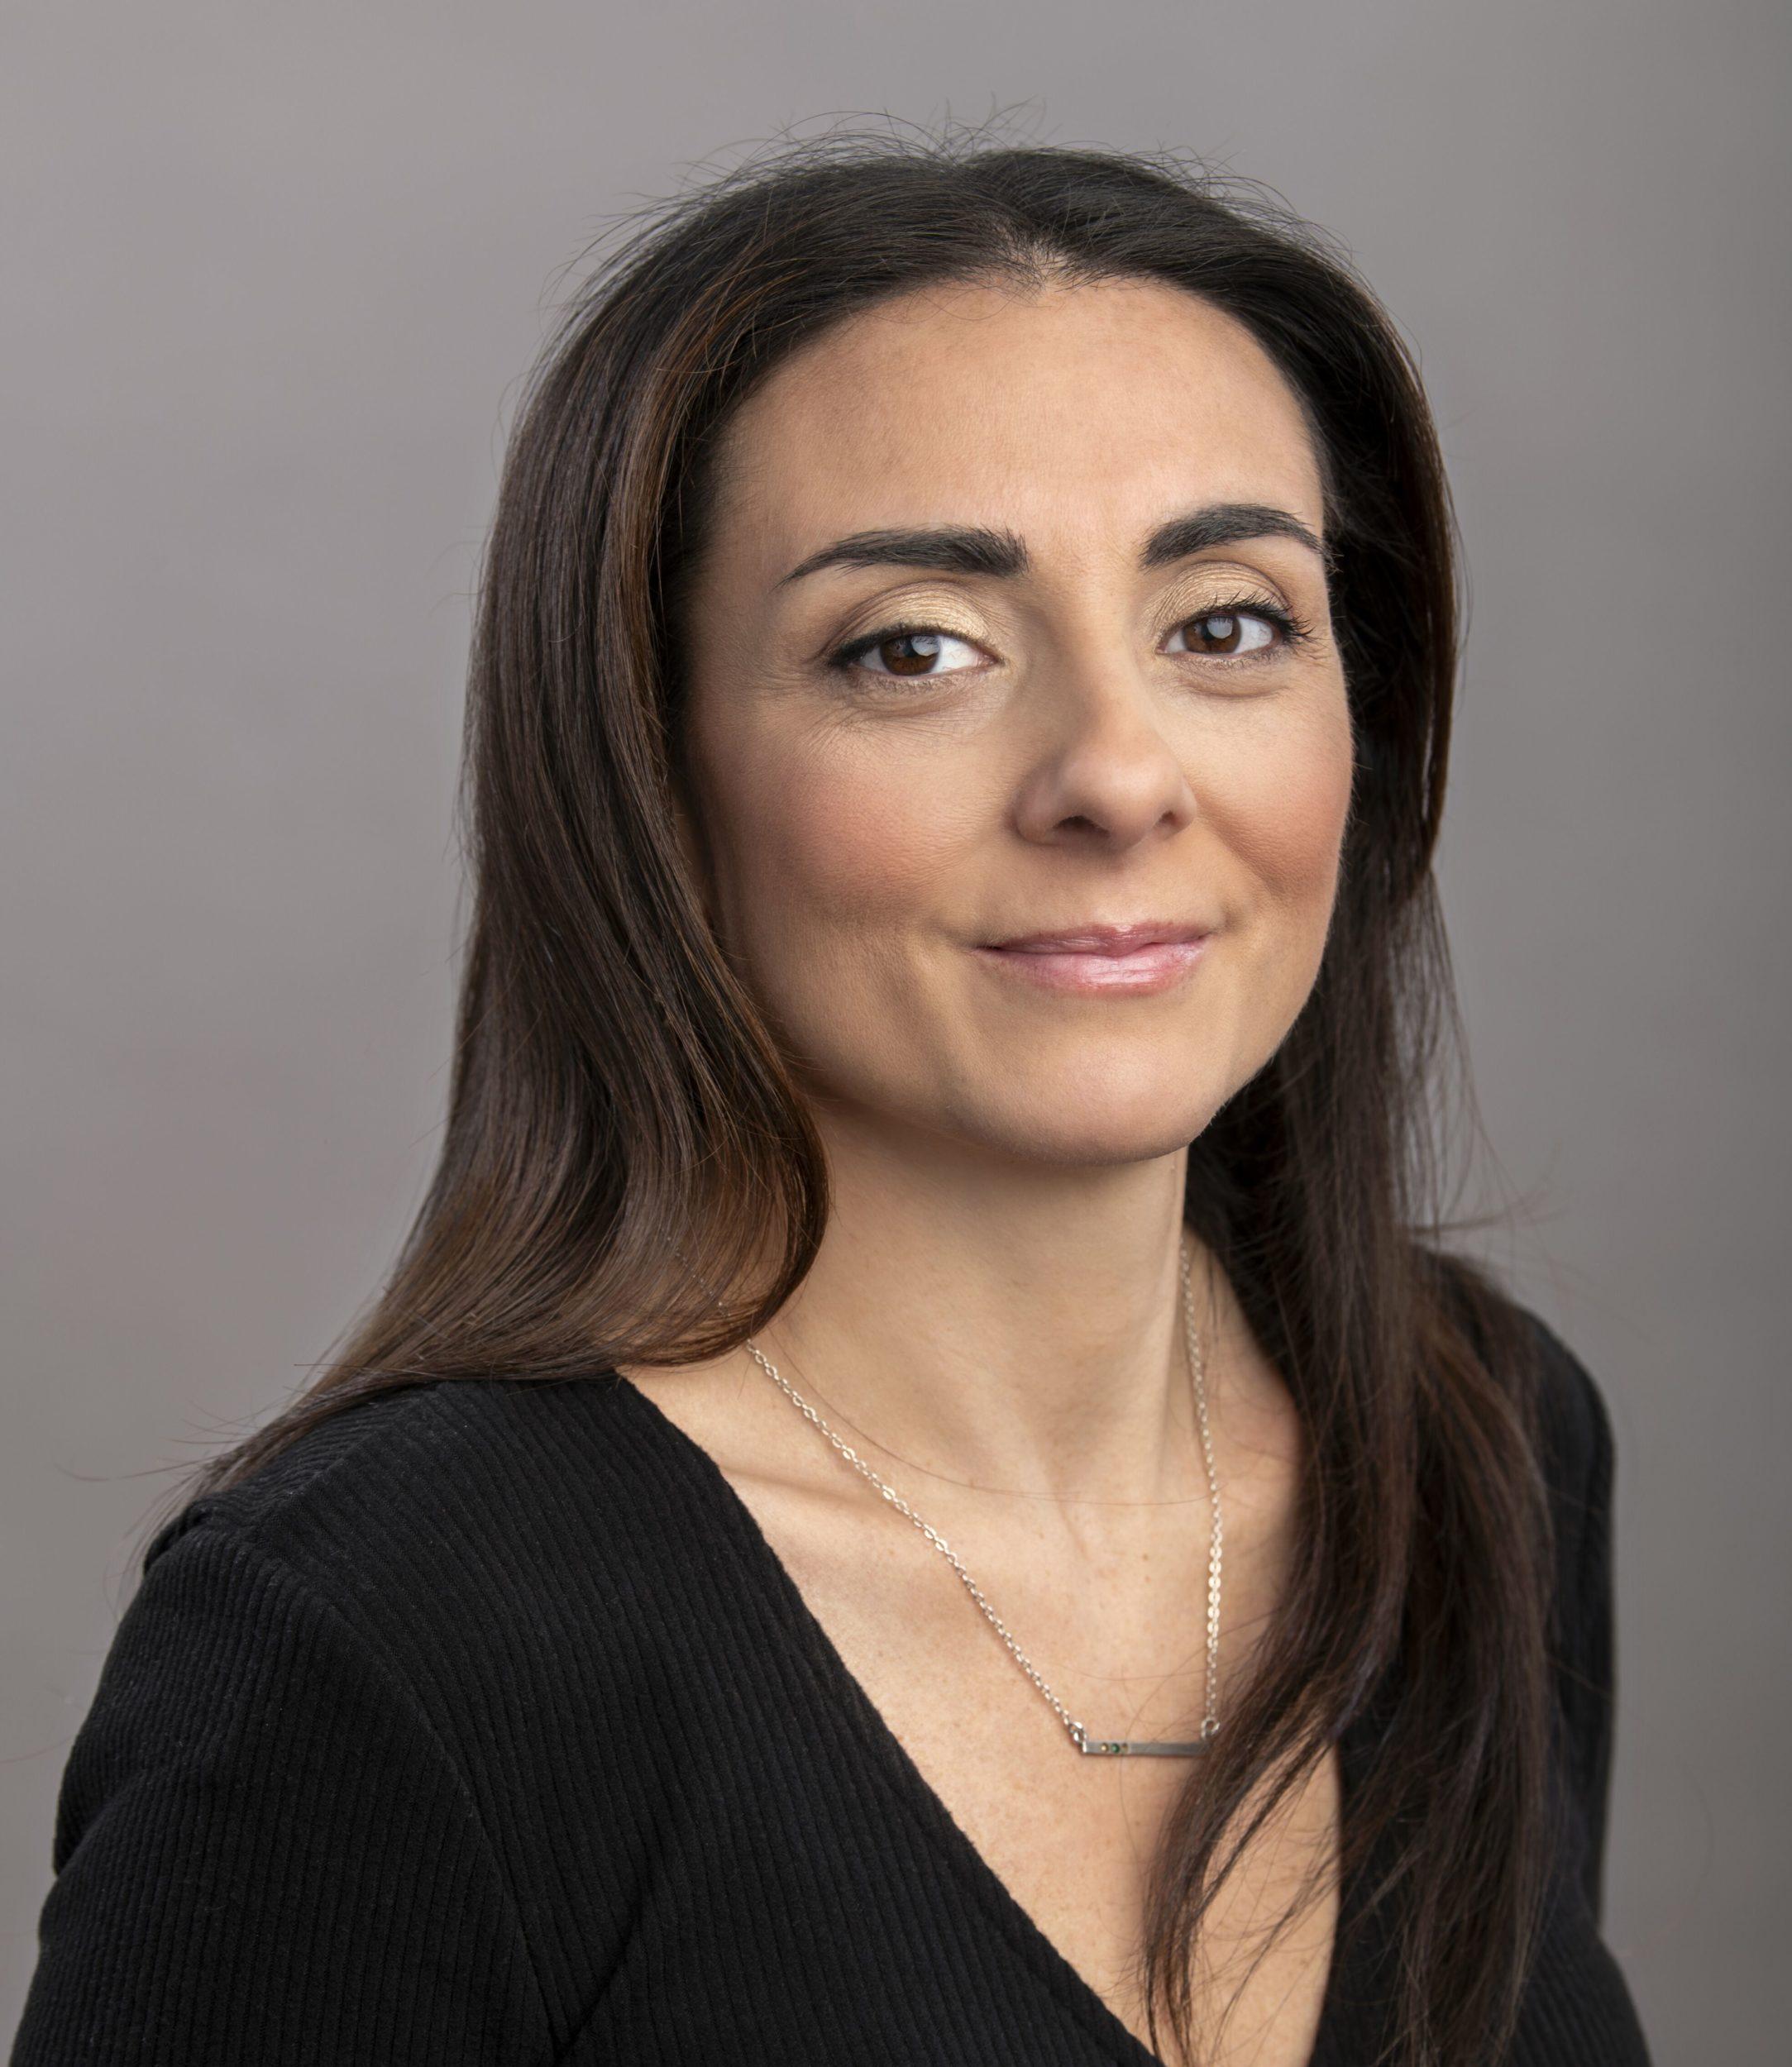 Jessica Battaglia